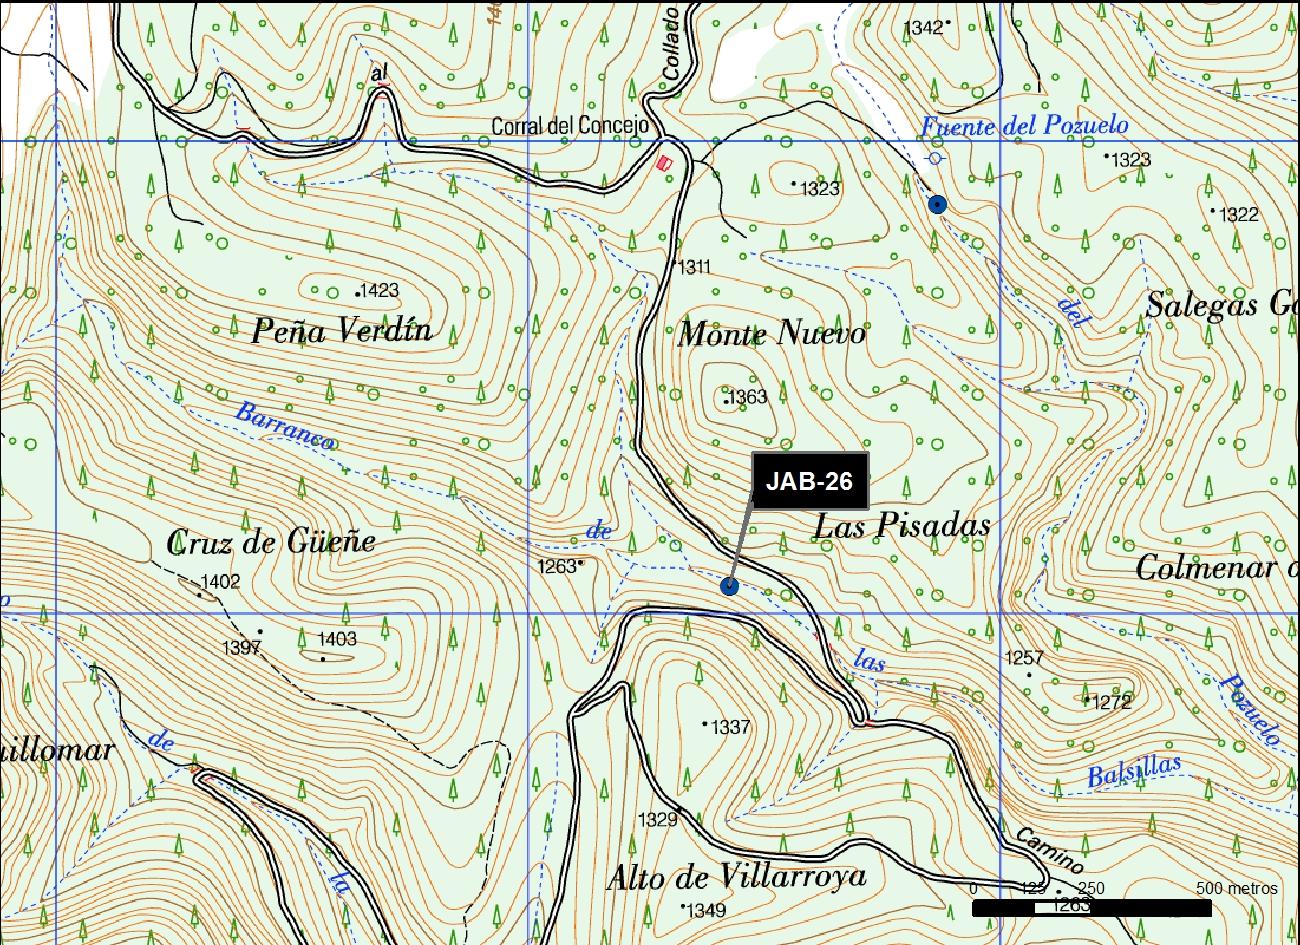 JAB_26_M.V.LOZANO_POZO INCENDIOS LA SILLA_MAP.TOPO 2